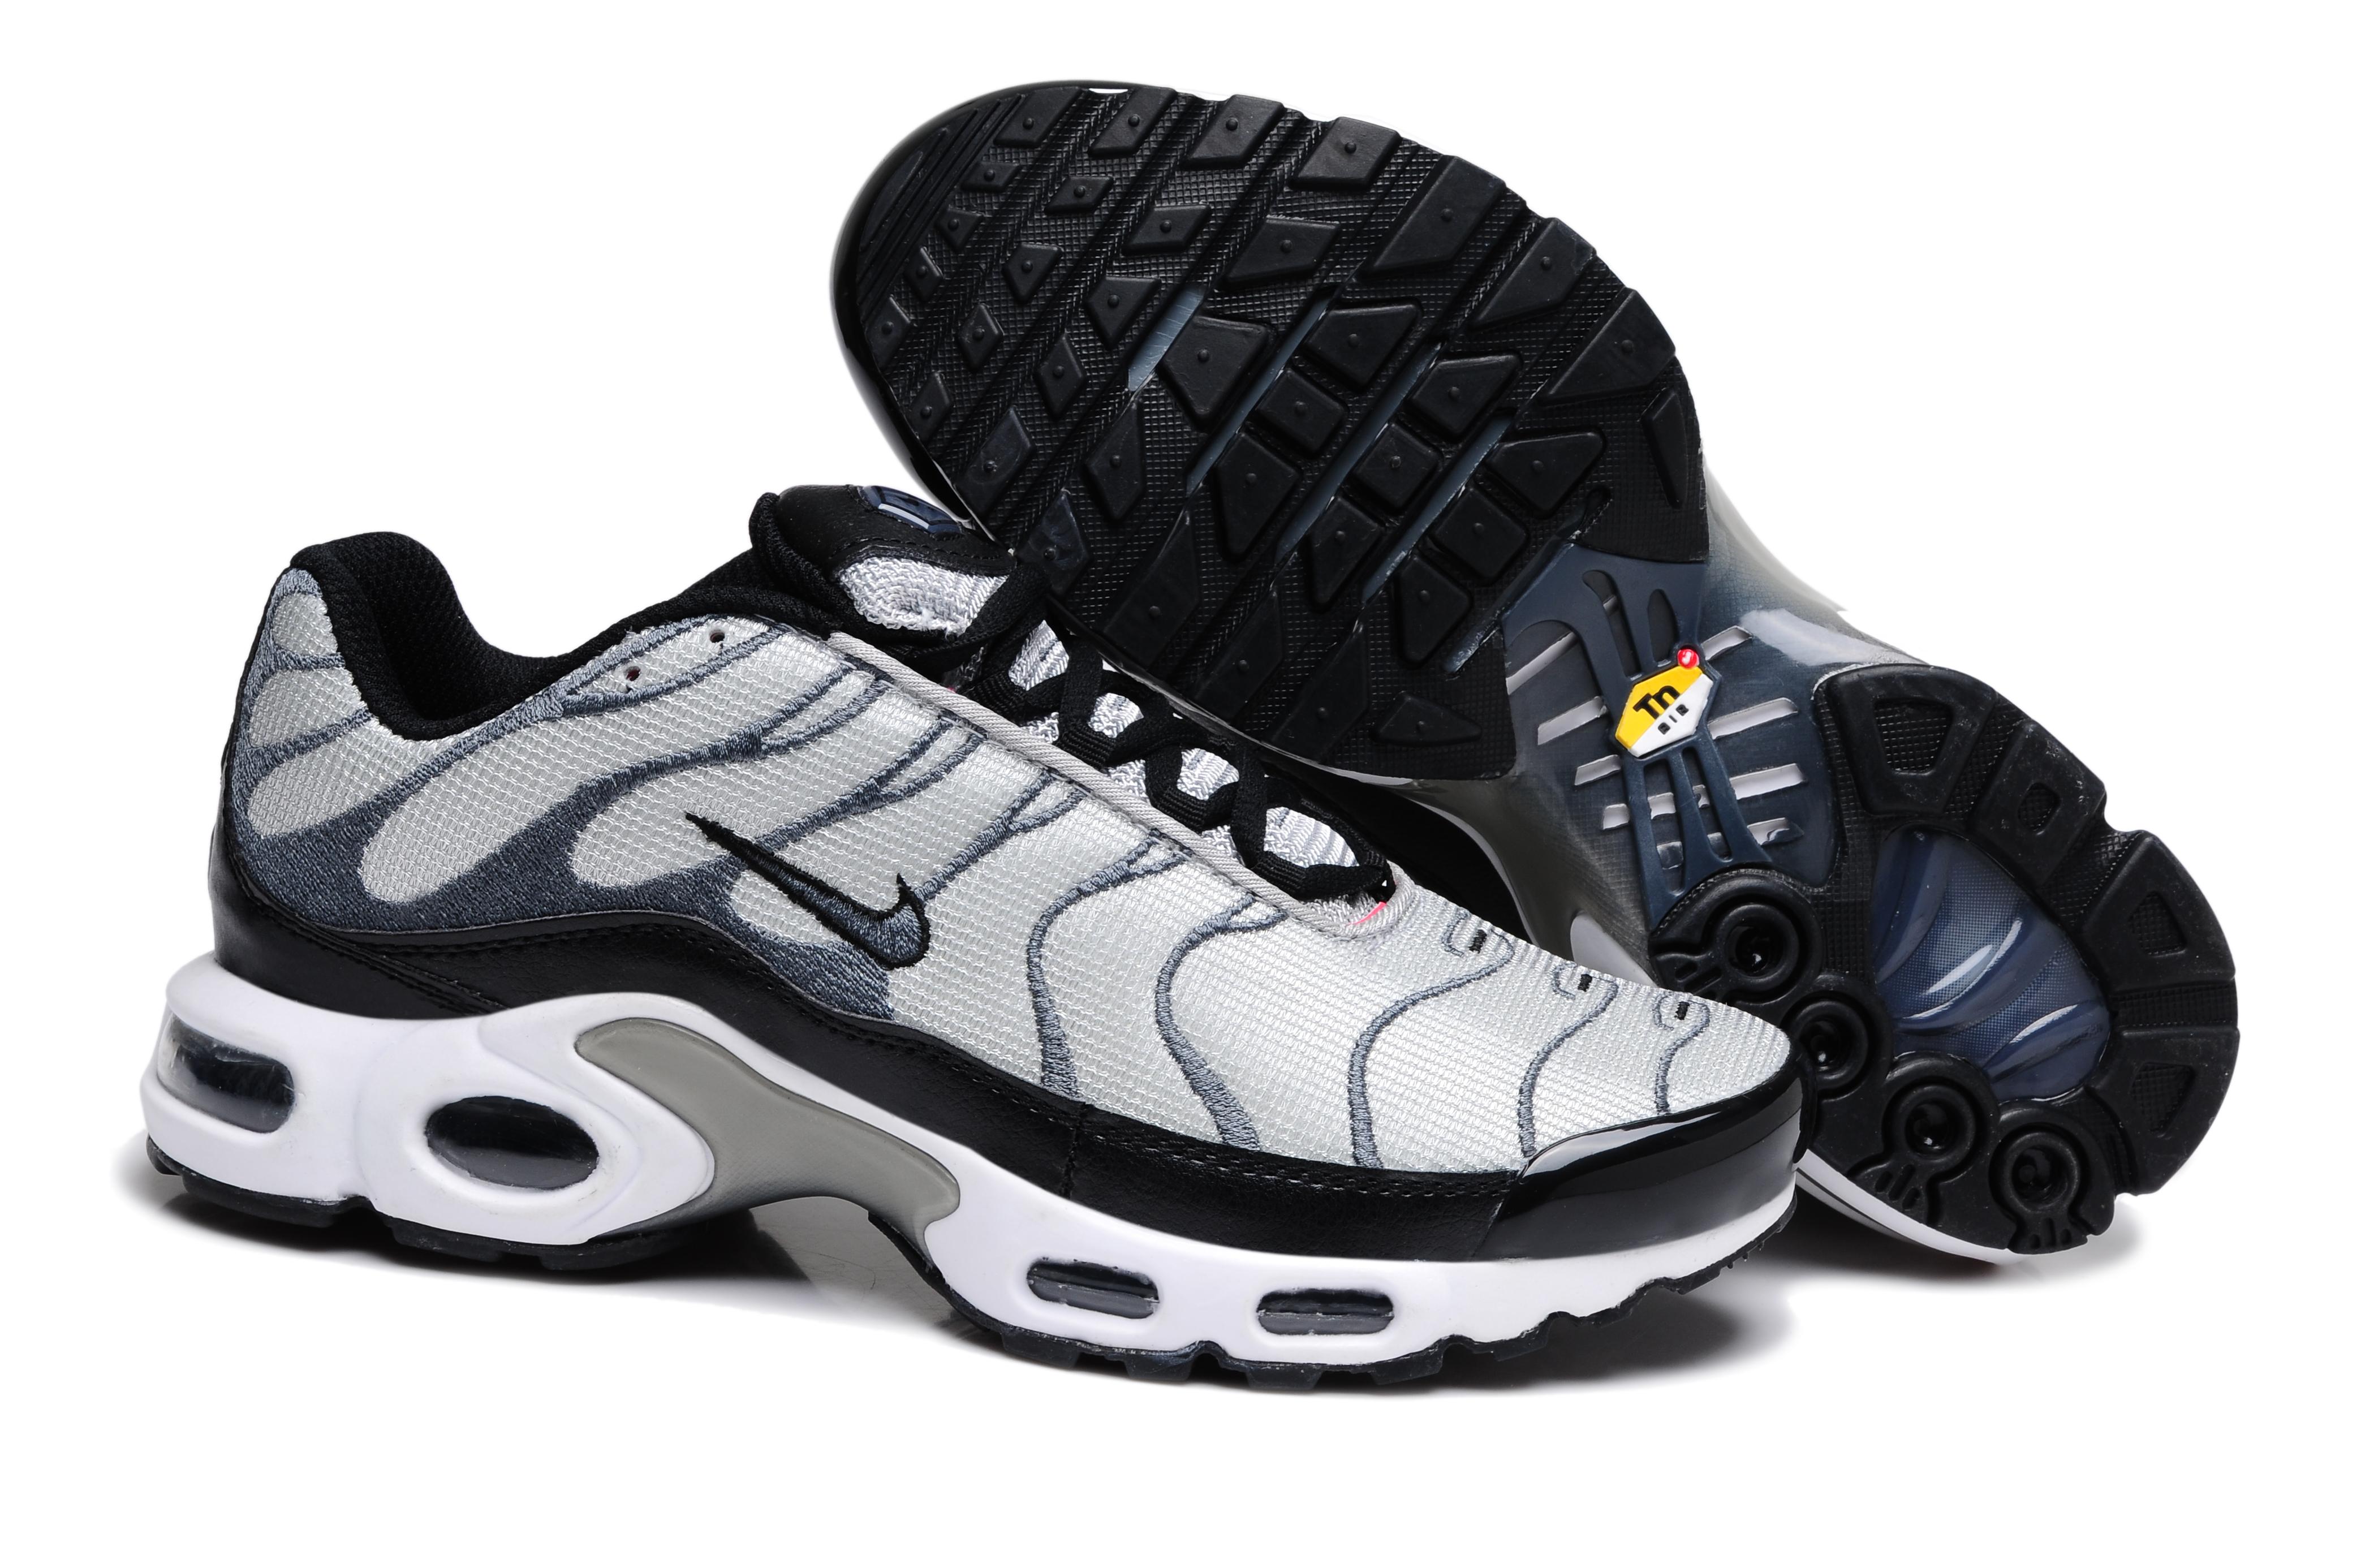 acheter des tn en ligne,Acheter chaussure homme nike tn en ligne ...